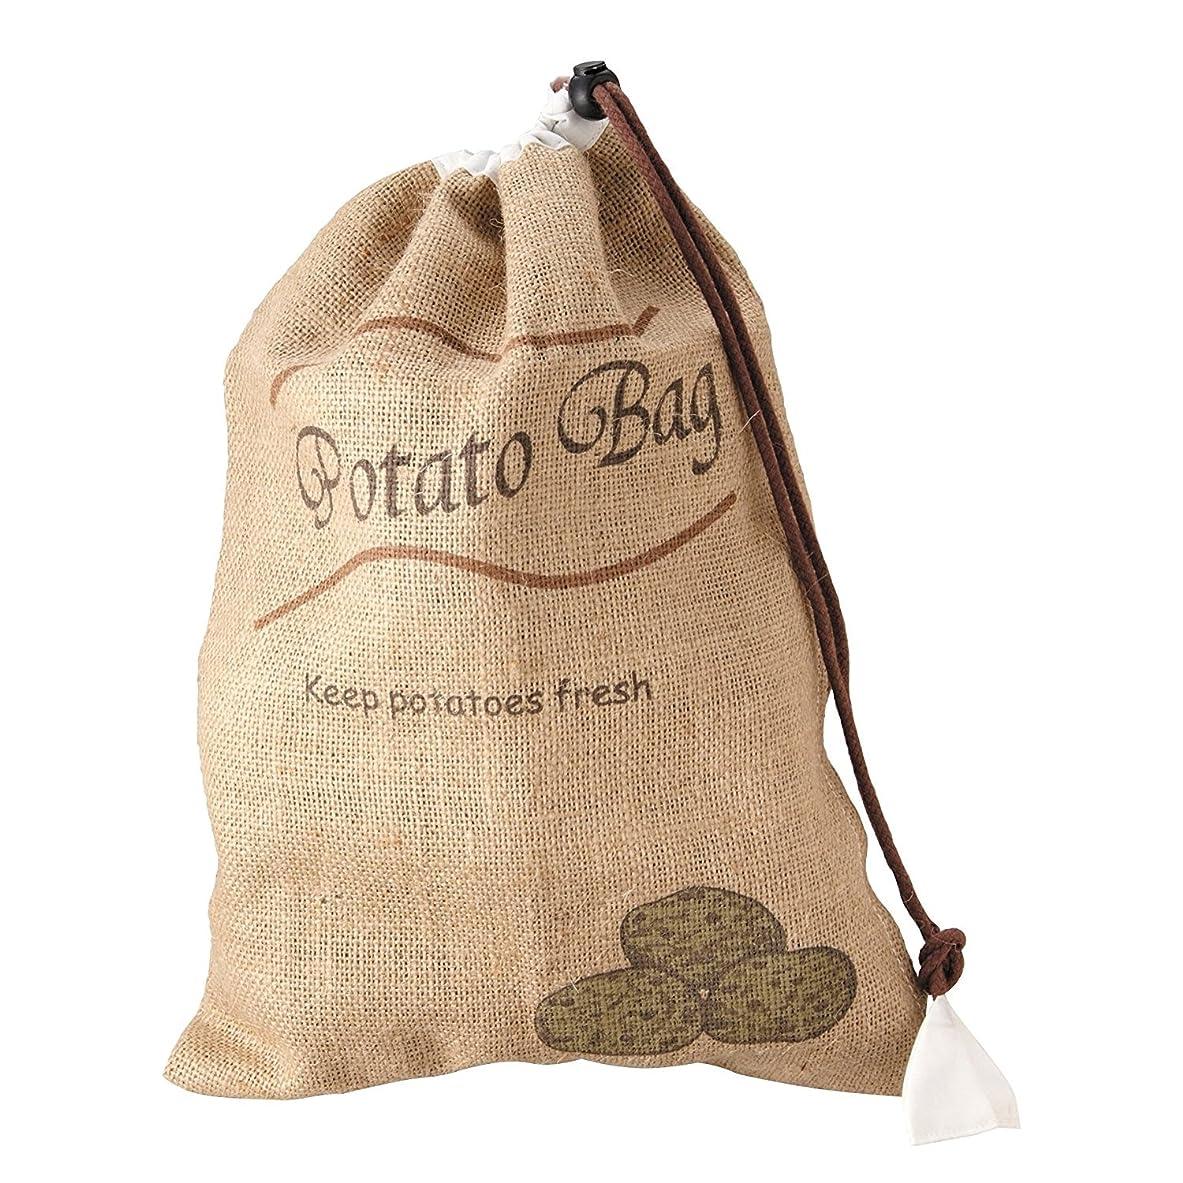 言い換えると送信する奪うティーライフ 野菜保存袋 ポテト 幅27.5×奥行38cm ベジバッグ 31012